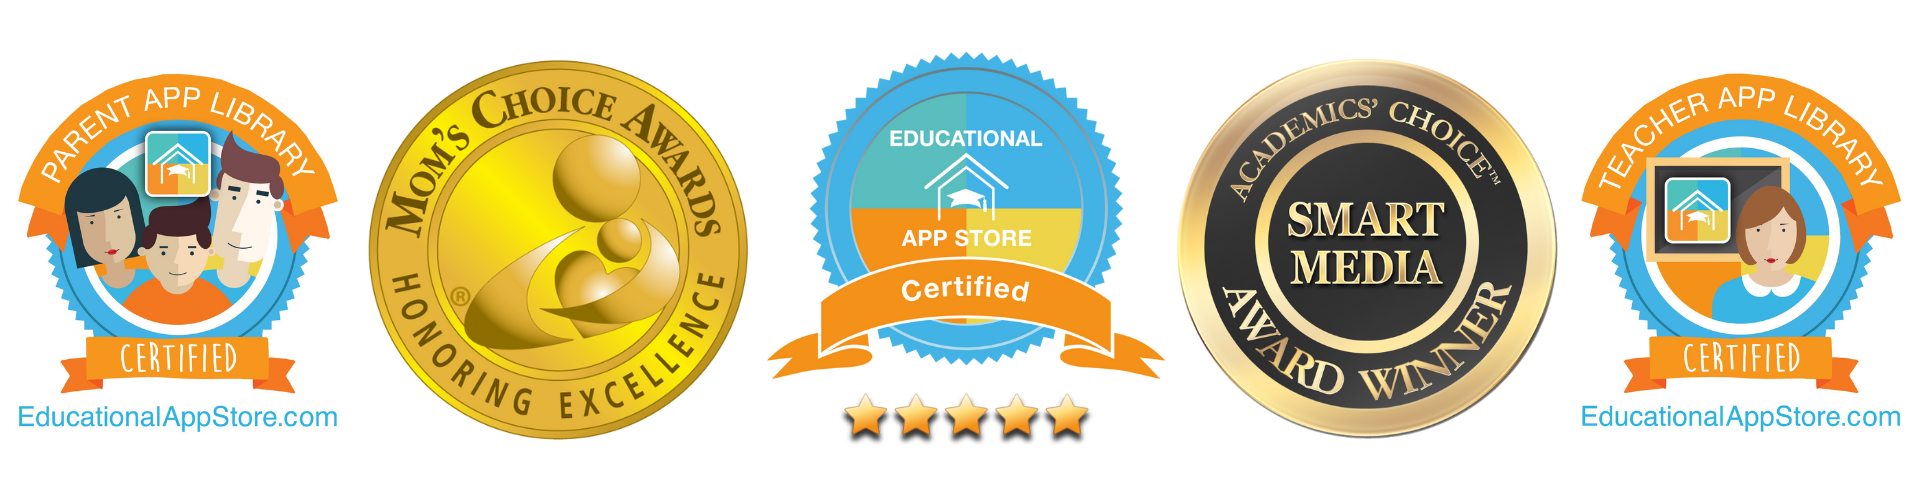 AutiSpark : Award Winning App